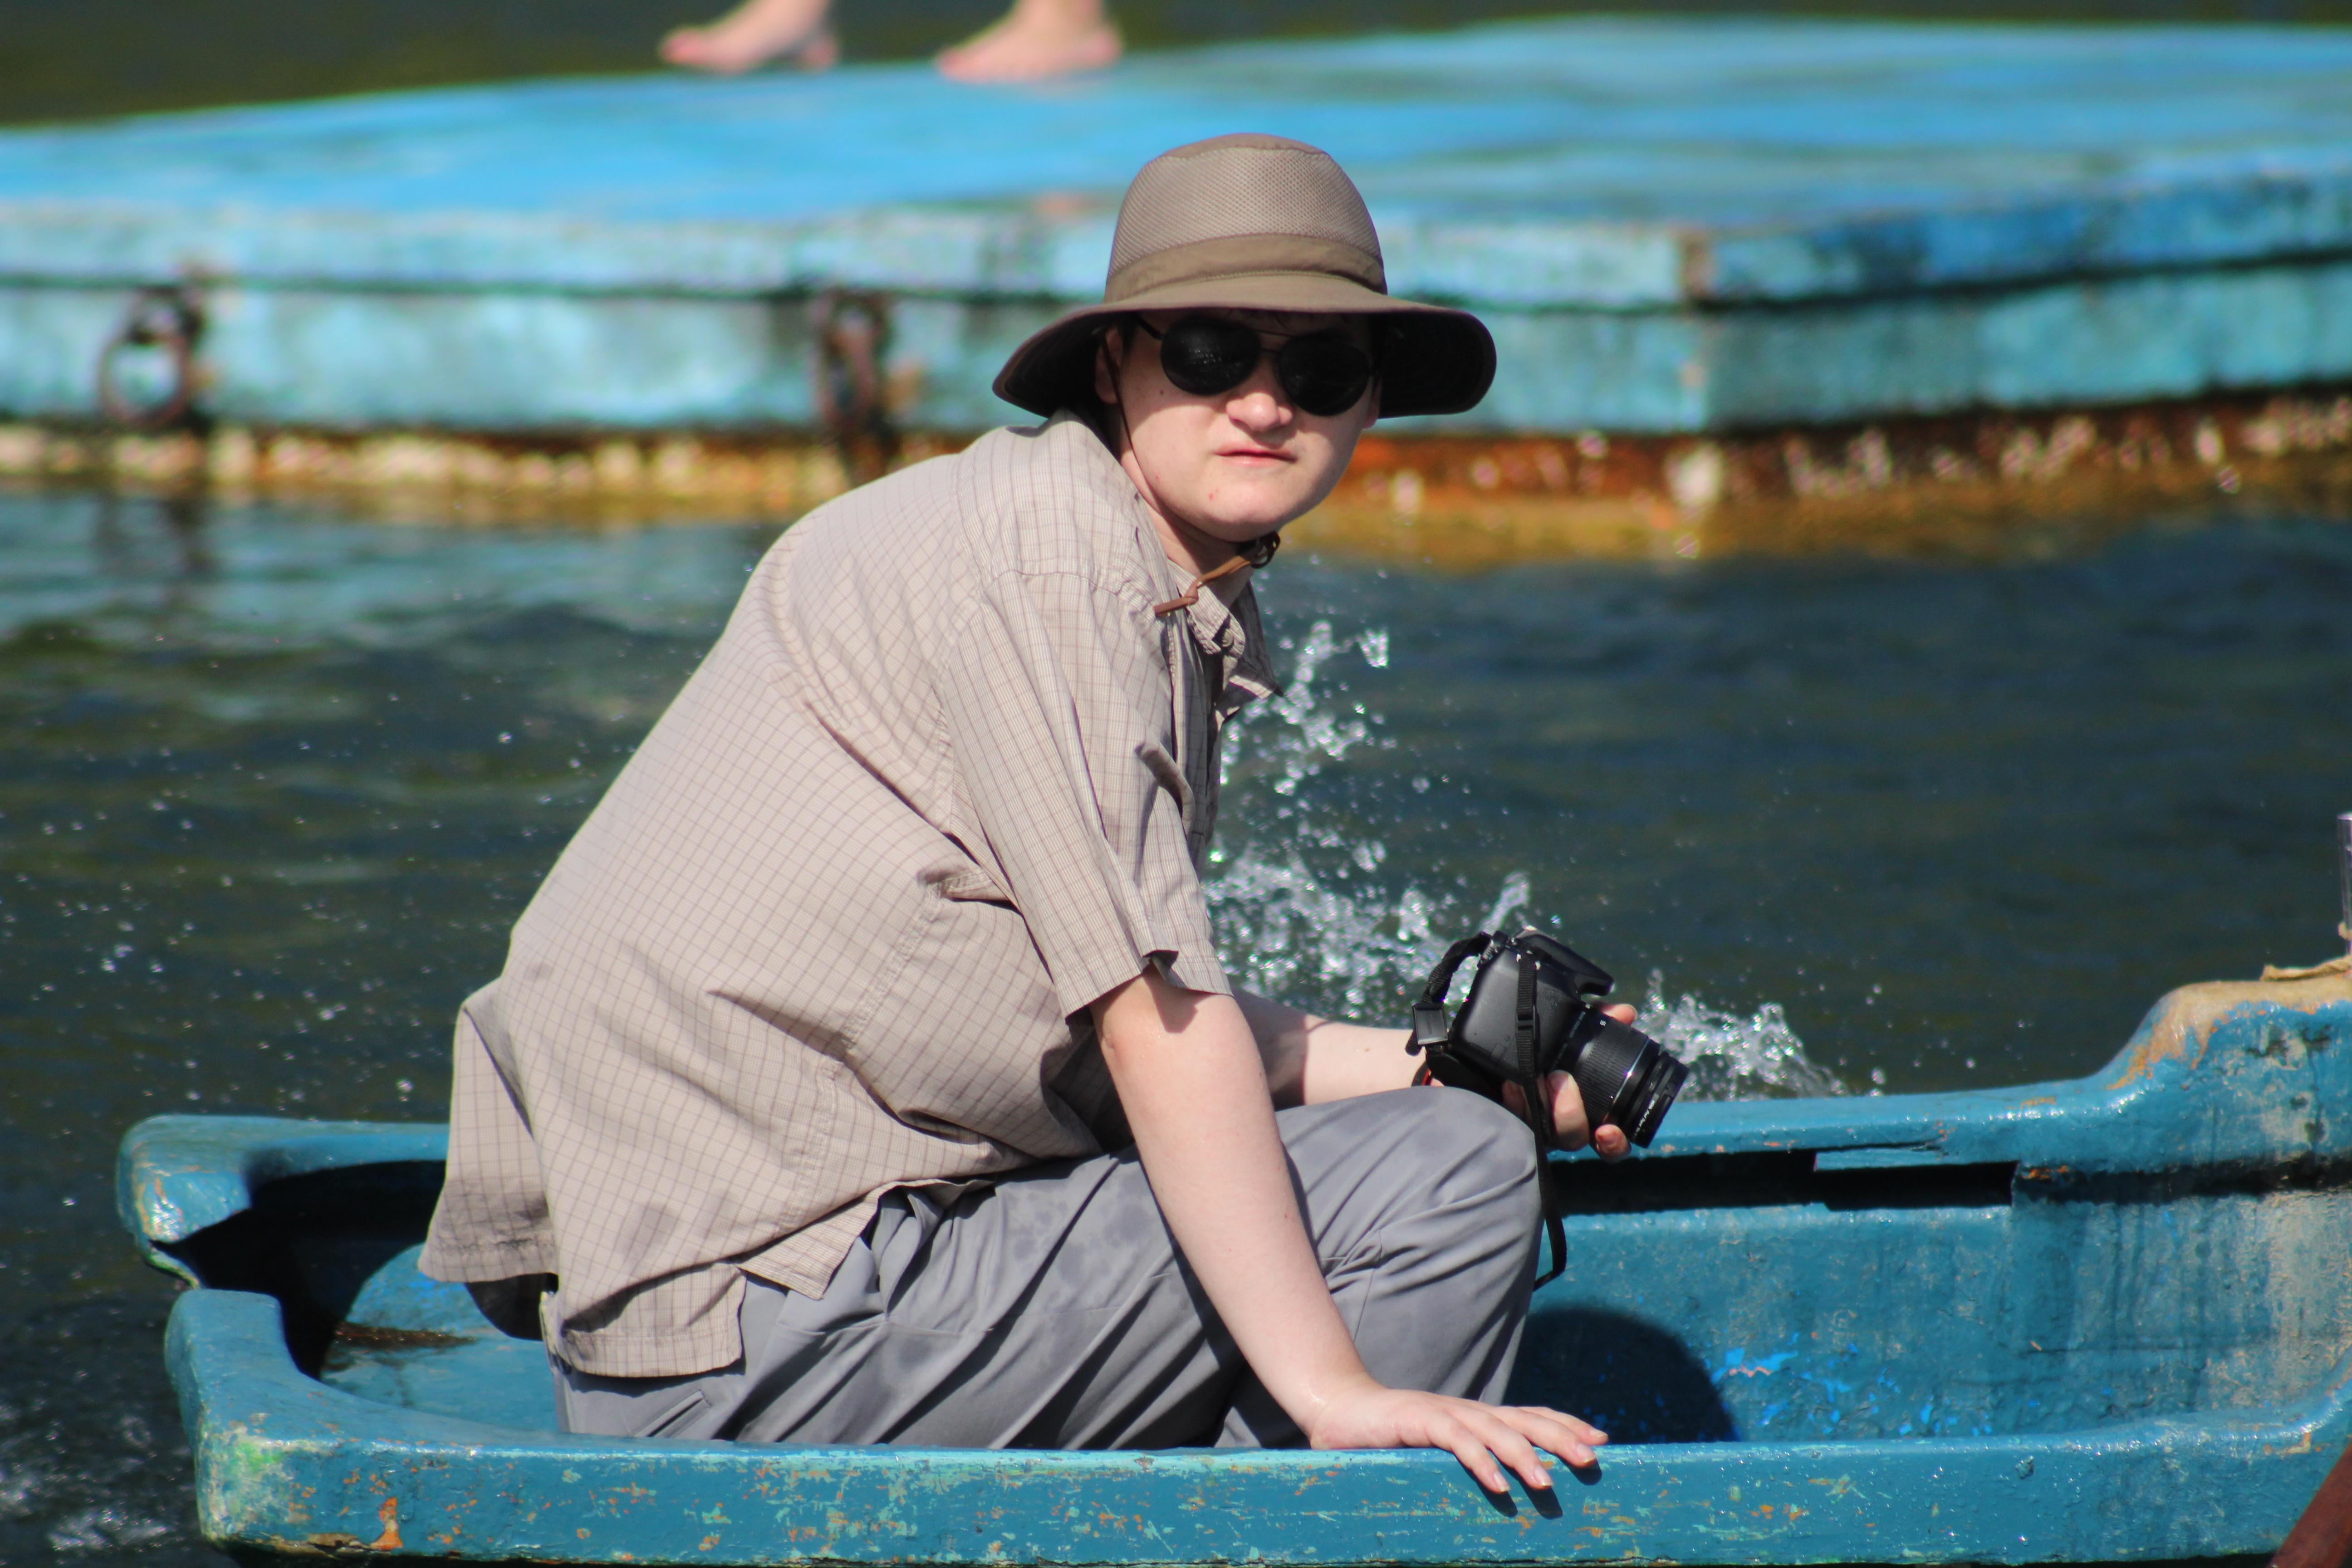 Rowing at Las Terrazas